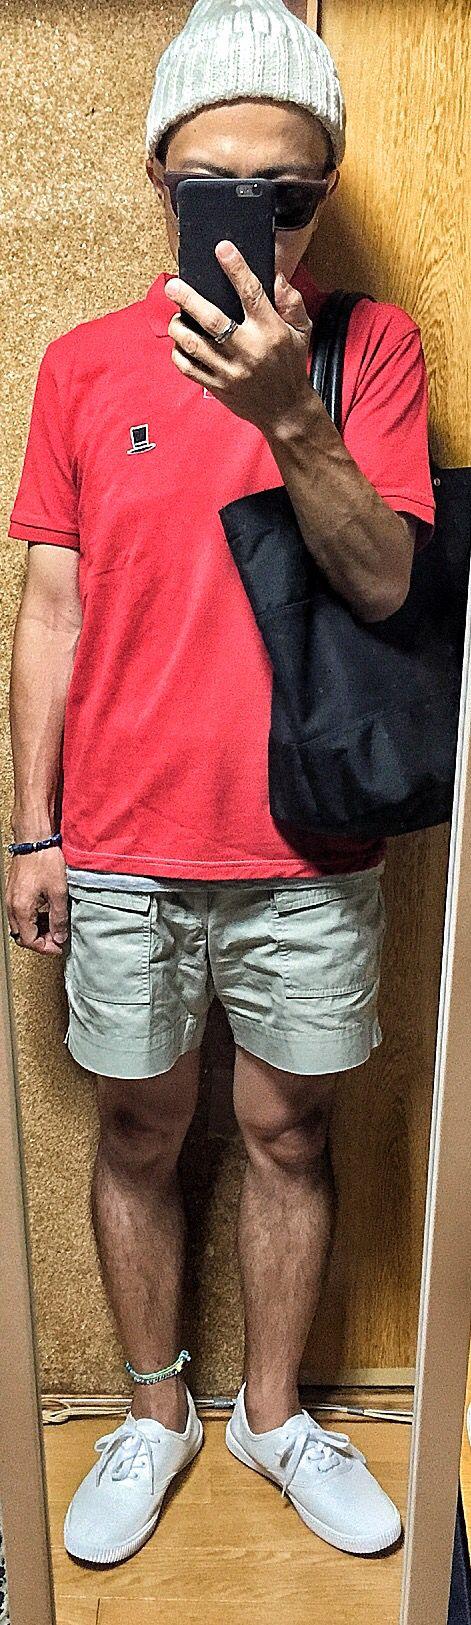 2015/07/22のコーデ cap#GLOBALWORK polo shirt#GLOBALWORK tank top#GLOBALWORK shorts#UNIQLOxmb shoes#MUJI sunglasses#GLOBALWORK tote bag#GLOBALWORK #Style #fashion #tomorrowoutfit #GLOBALWORK #UNIQLO #MUJI